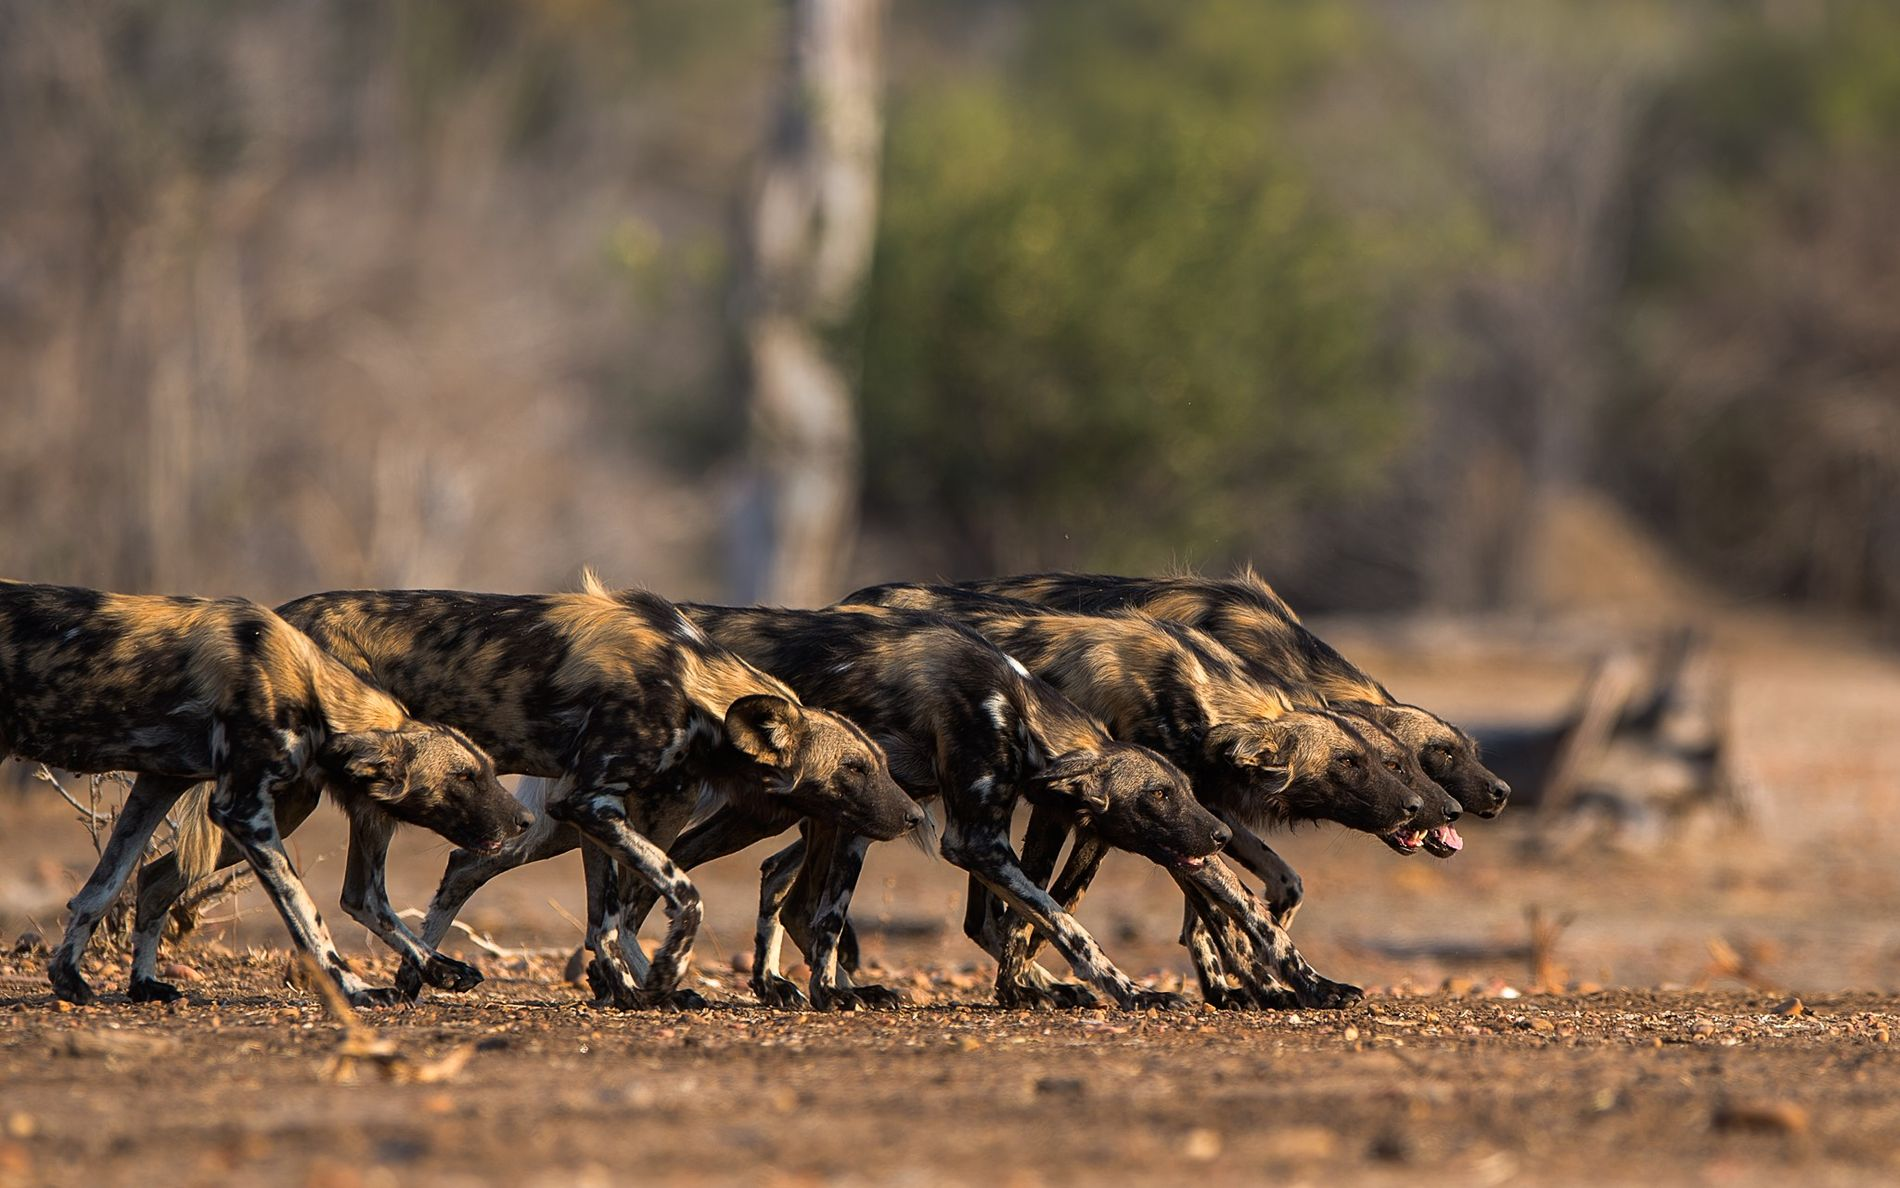 Geduckt, mit geradem Rücken und voll konzentriert gehen Afrikanische Wildhunde in den Jagdmodus.